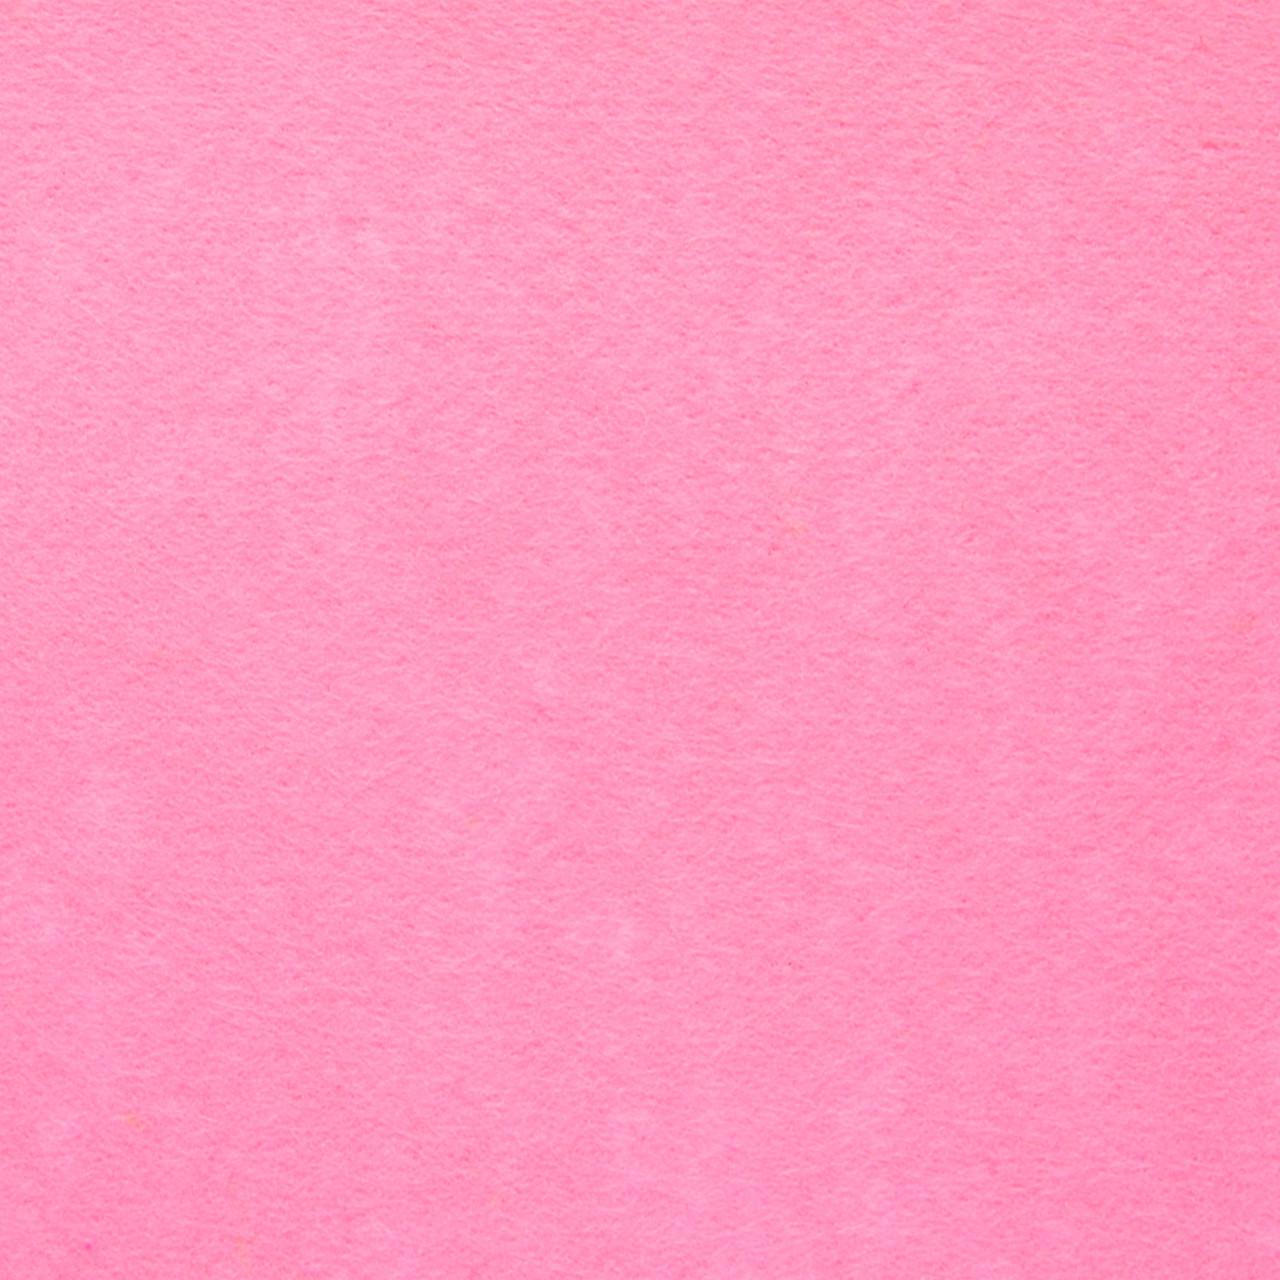 Фетр клеевой жесткий 1 мм, 20x30 см, РОЗОВЫЙ